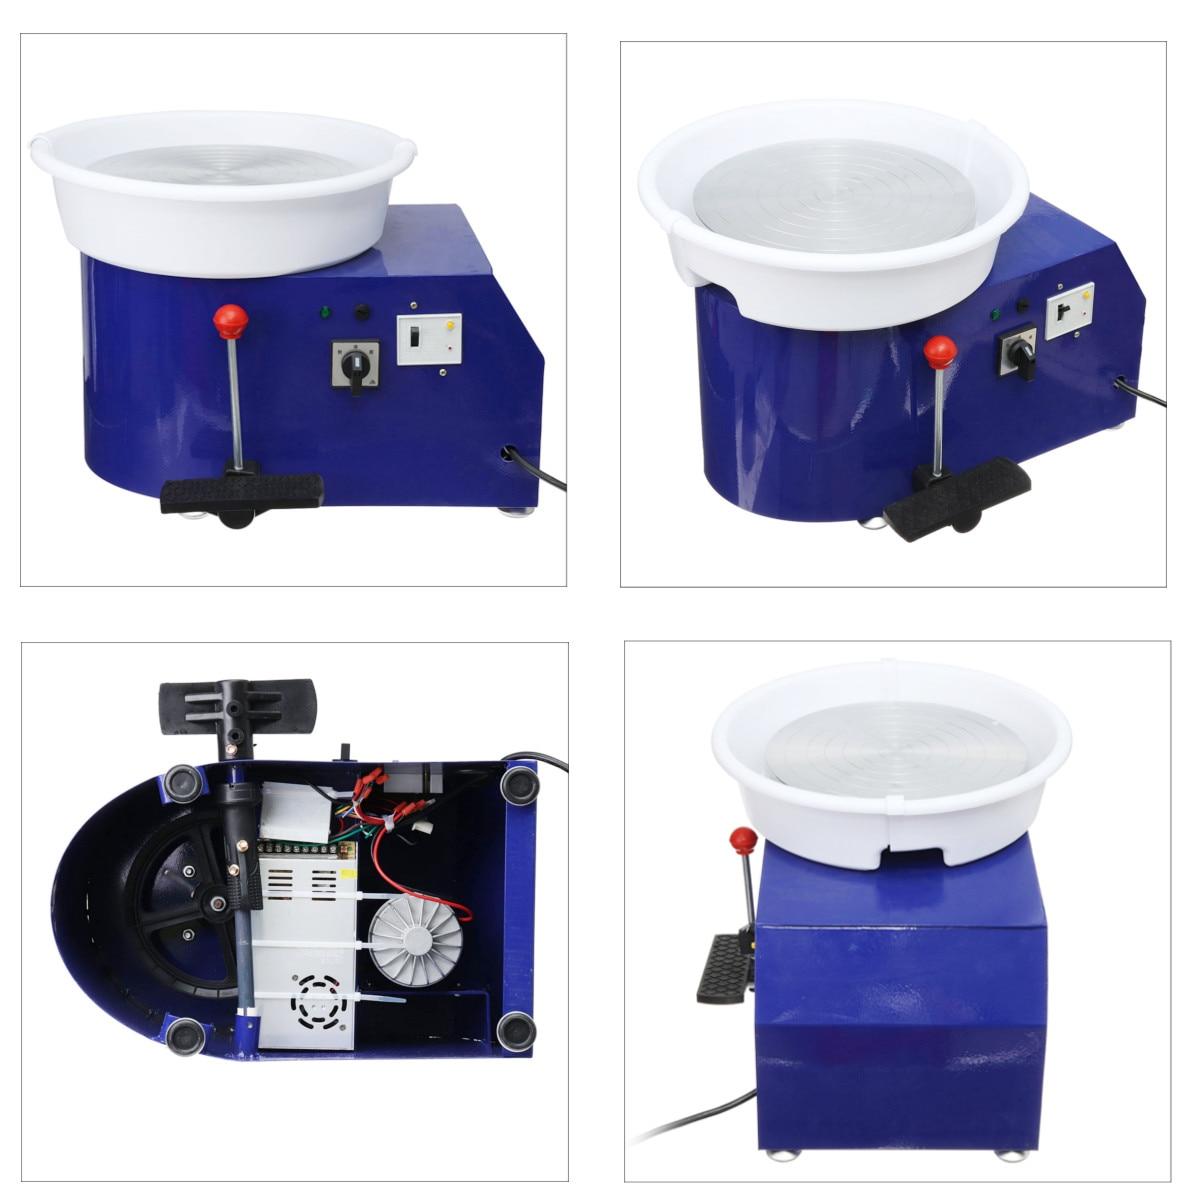 Machine en céramique de roue de poterie électrique de 220 V 550 W Kit de potier d'argile en céramique de 300mm pour la céramique de travail en céramique - 4